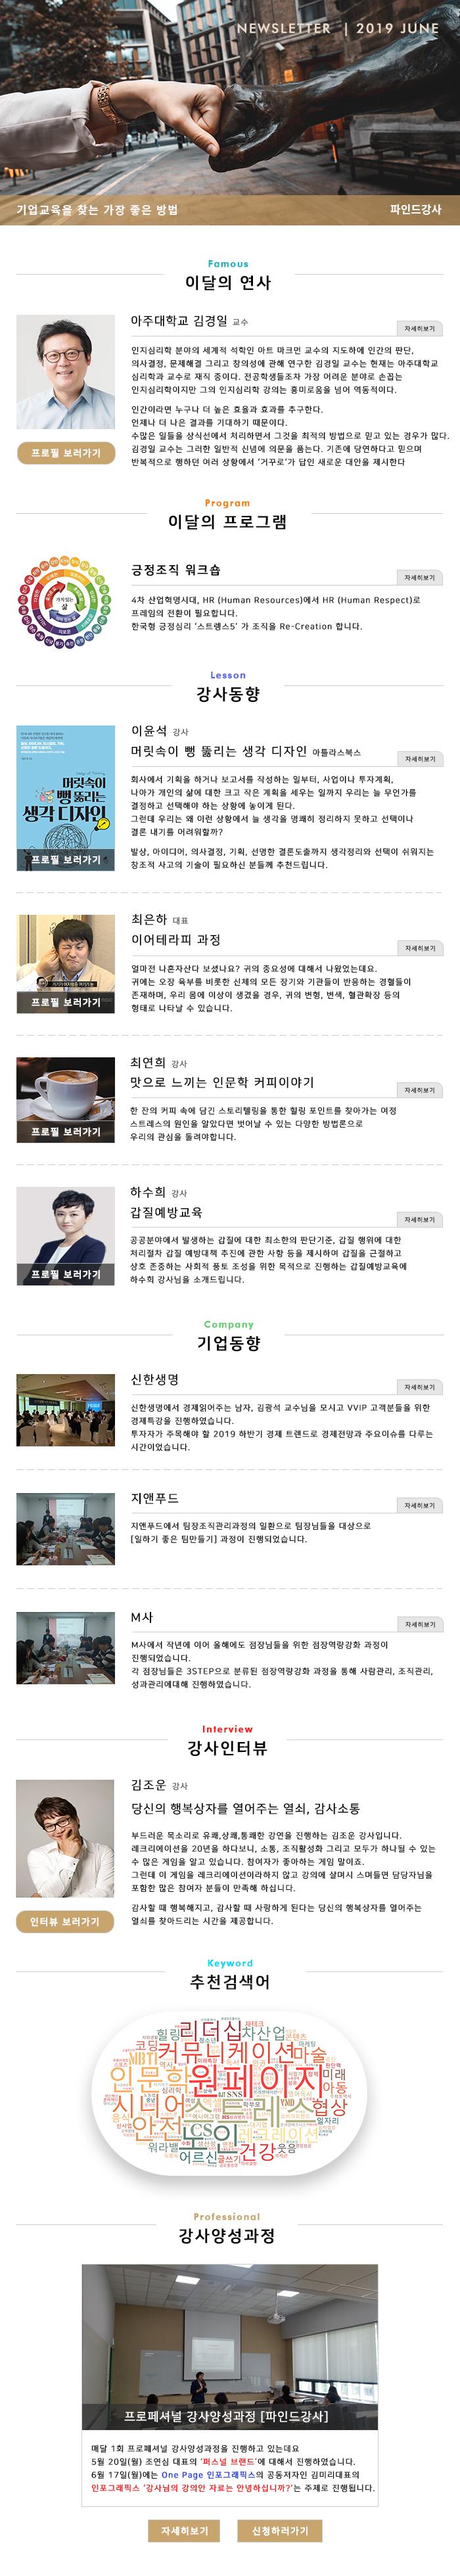 파인드강사 뉴스레터 6월